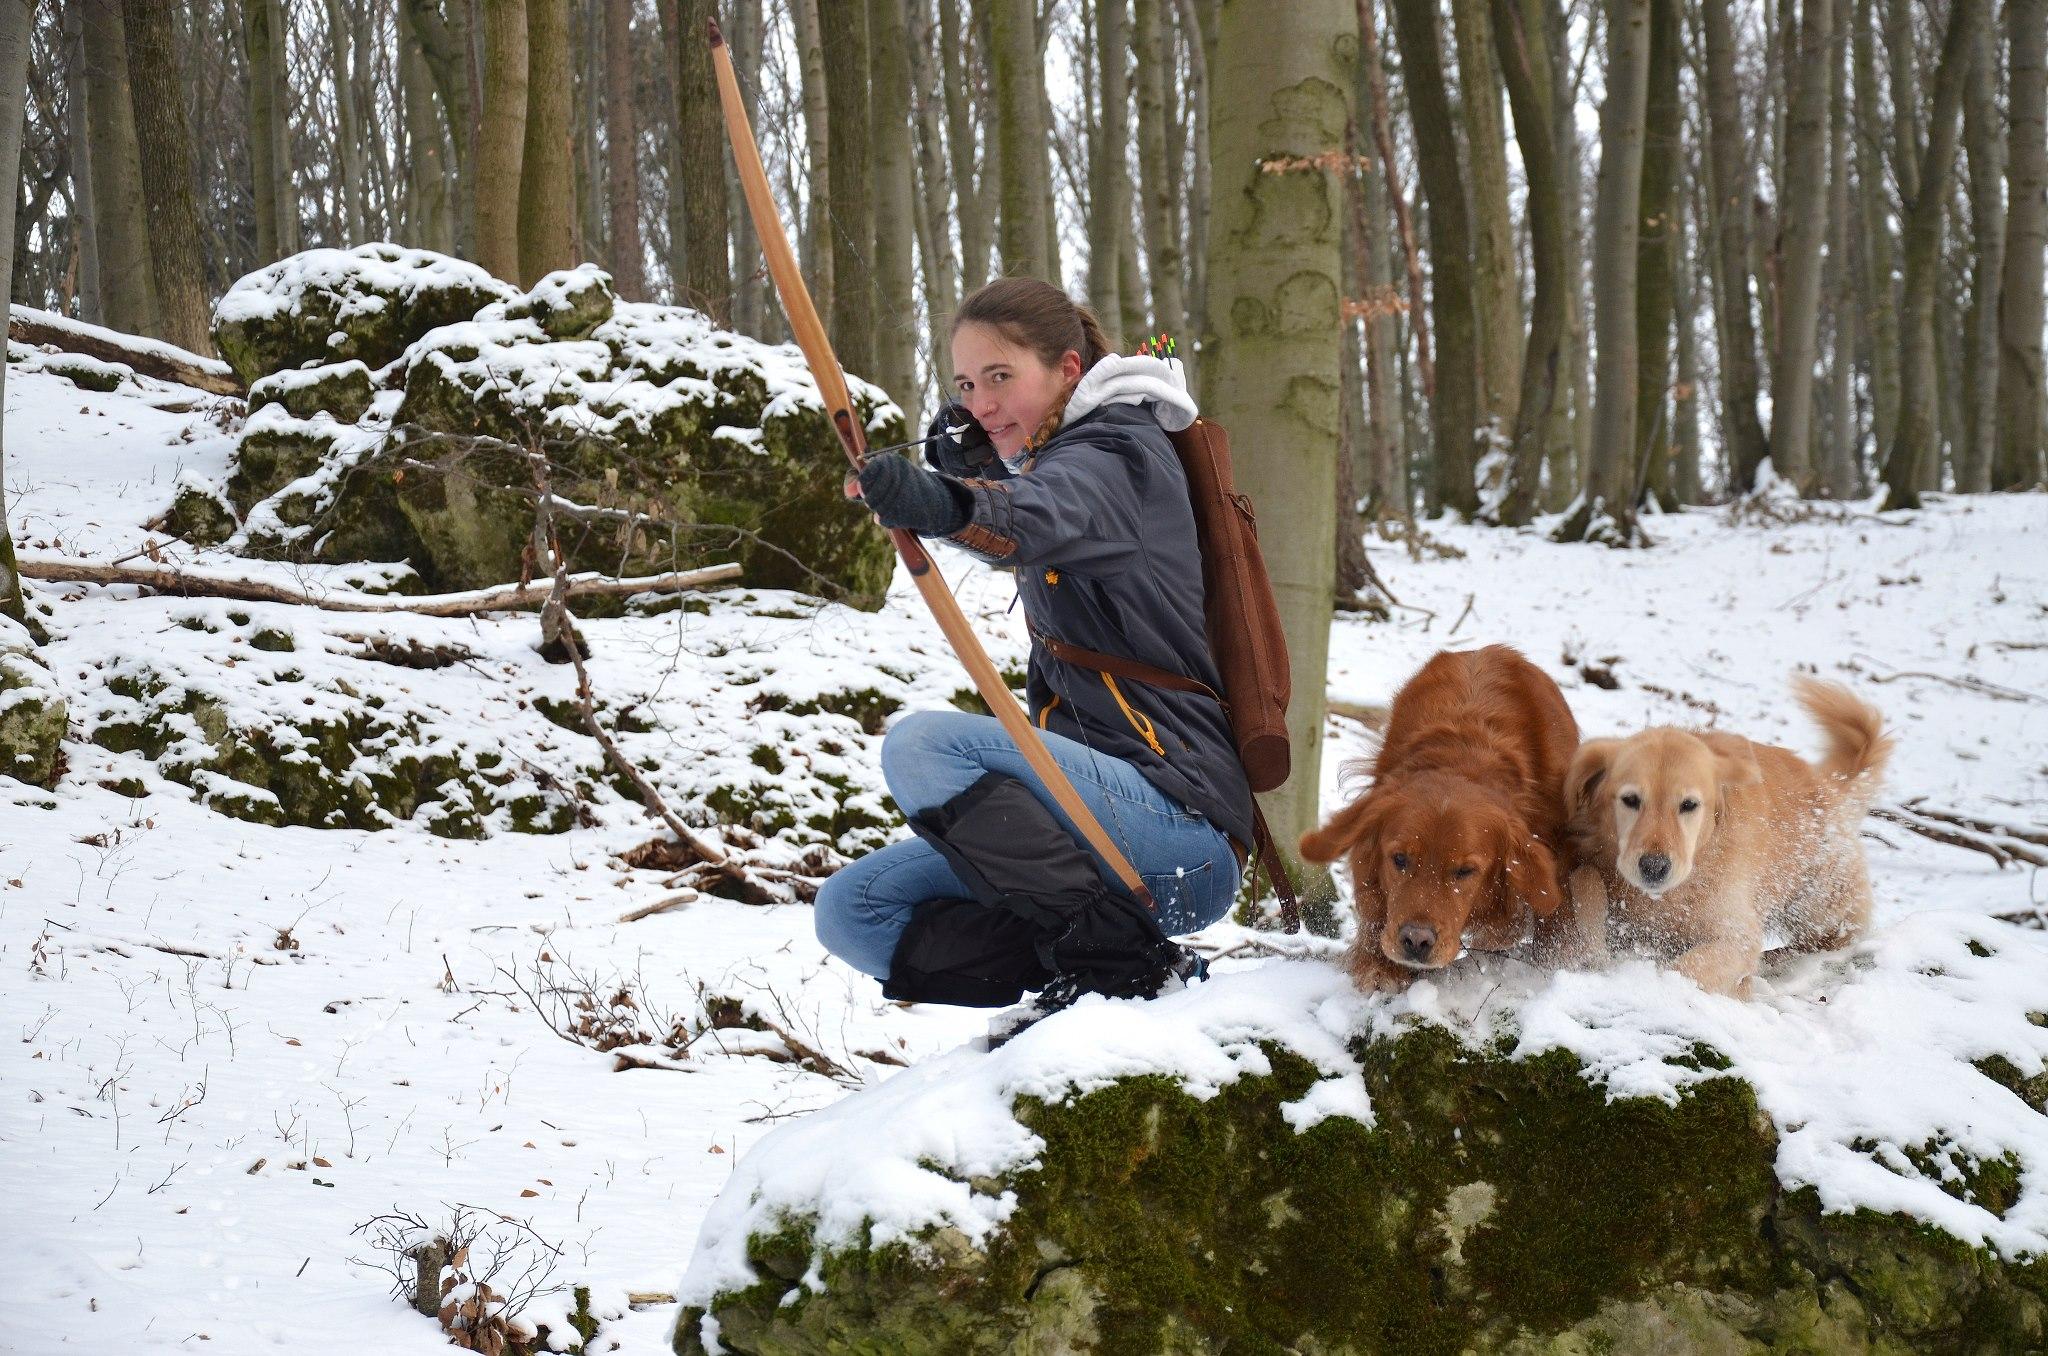 Охота с охотничьим луком, как выбрать охотничий лук, как охотиться с луком, охота с луком